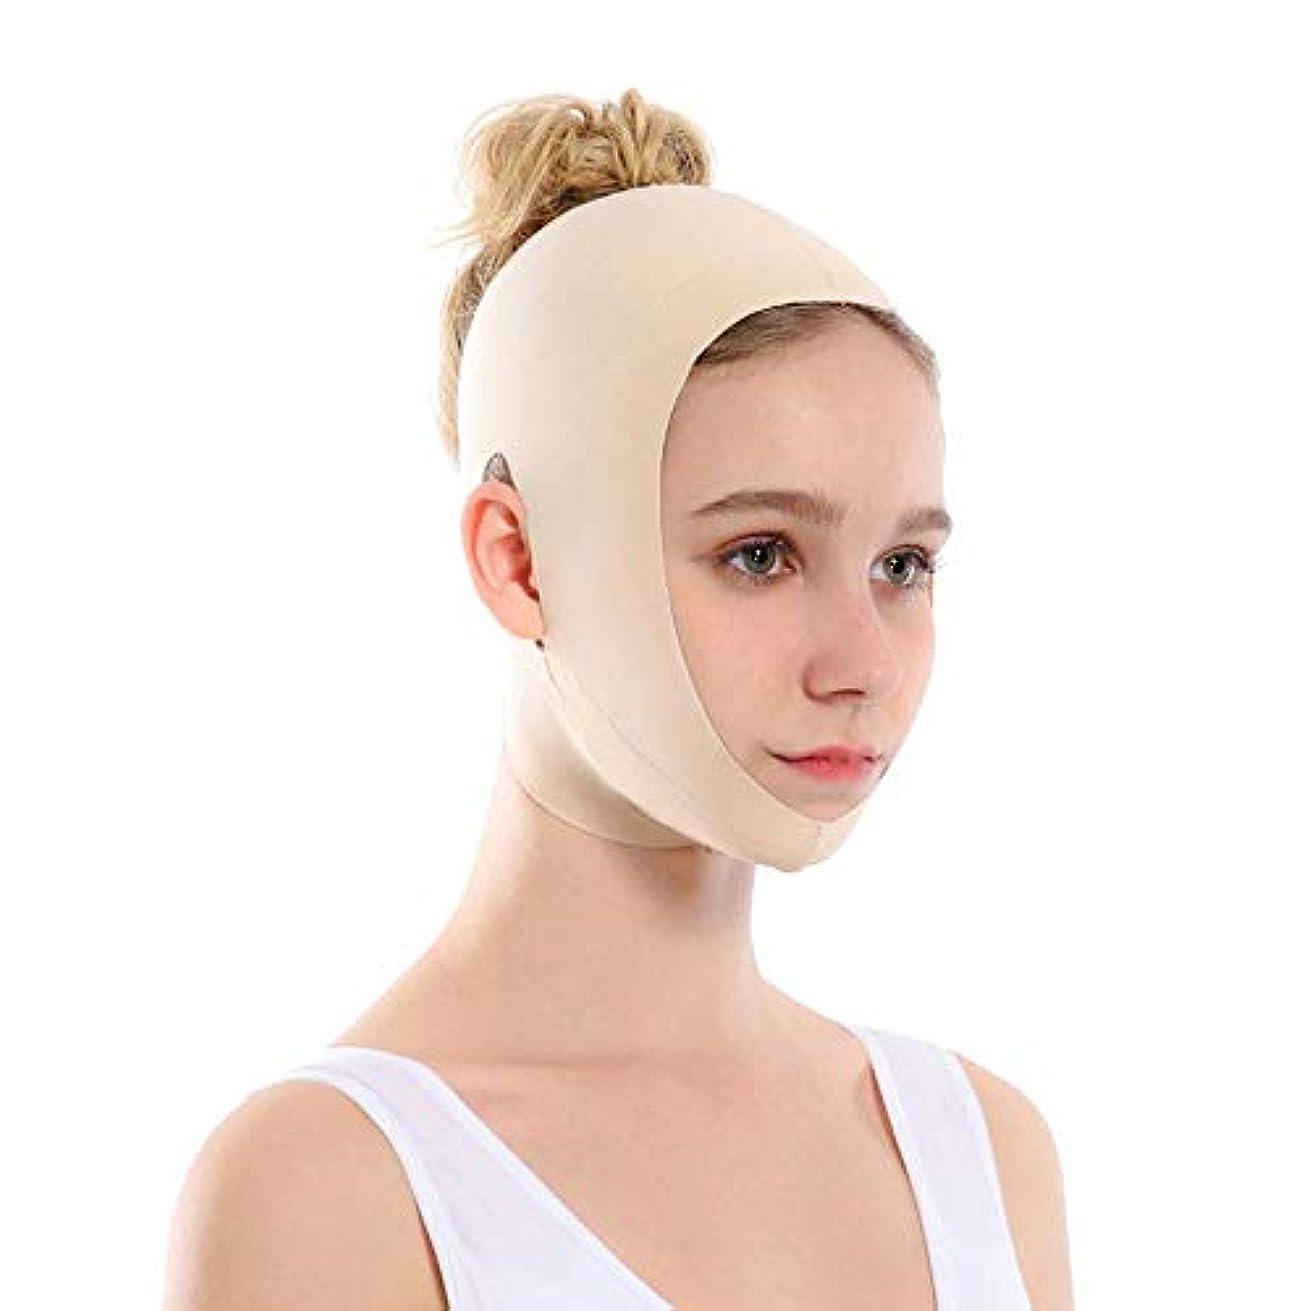 ベーコン期待するはねかける顔を持ち上げるアーティファクトVフェイス包帯リフティング引き締め睡眠薄い顔を整形持ち上げる顔を二重あご矯正 - 肌の色